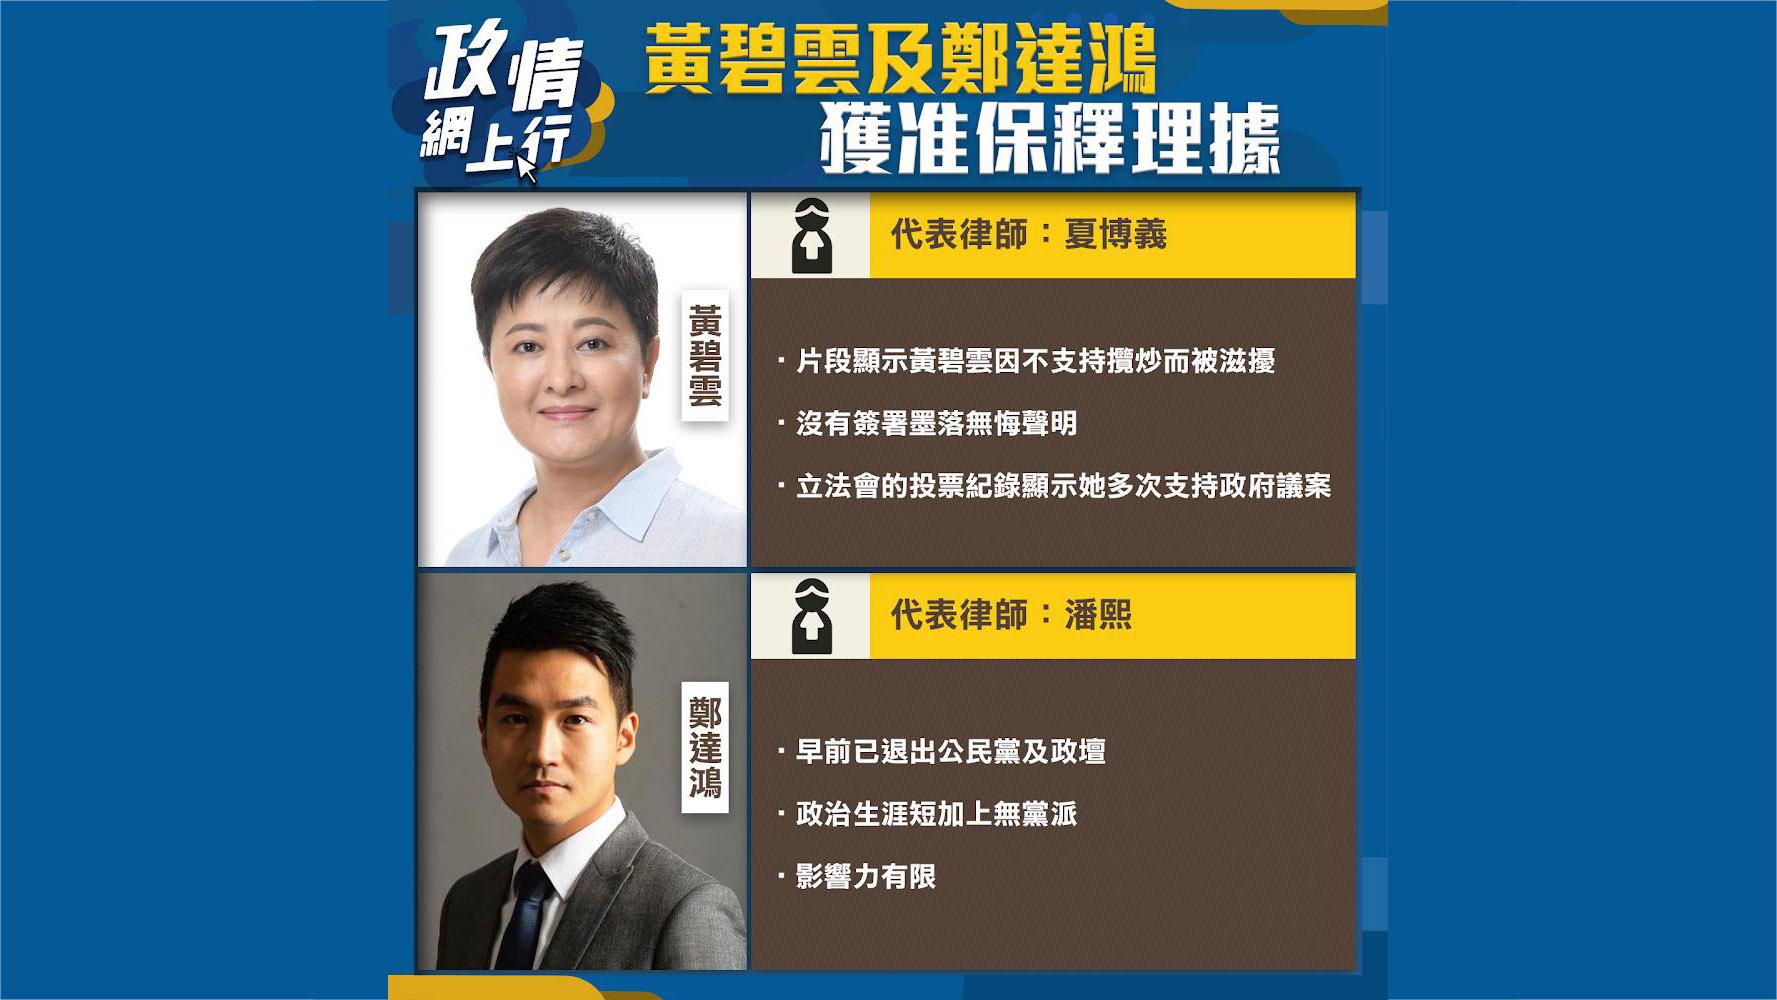 【政情網上行】黃碧雲及鄭達鴻獲准保釋理據